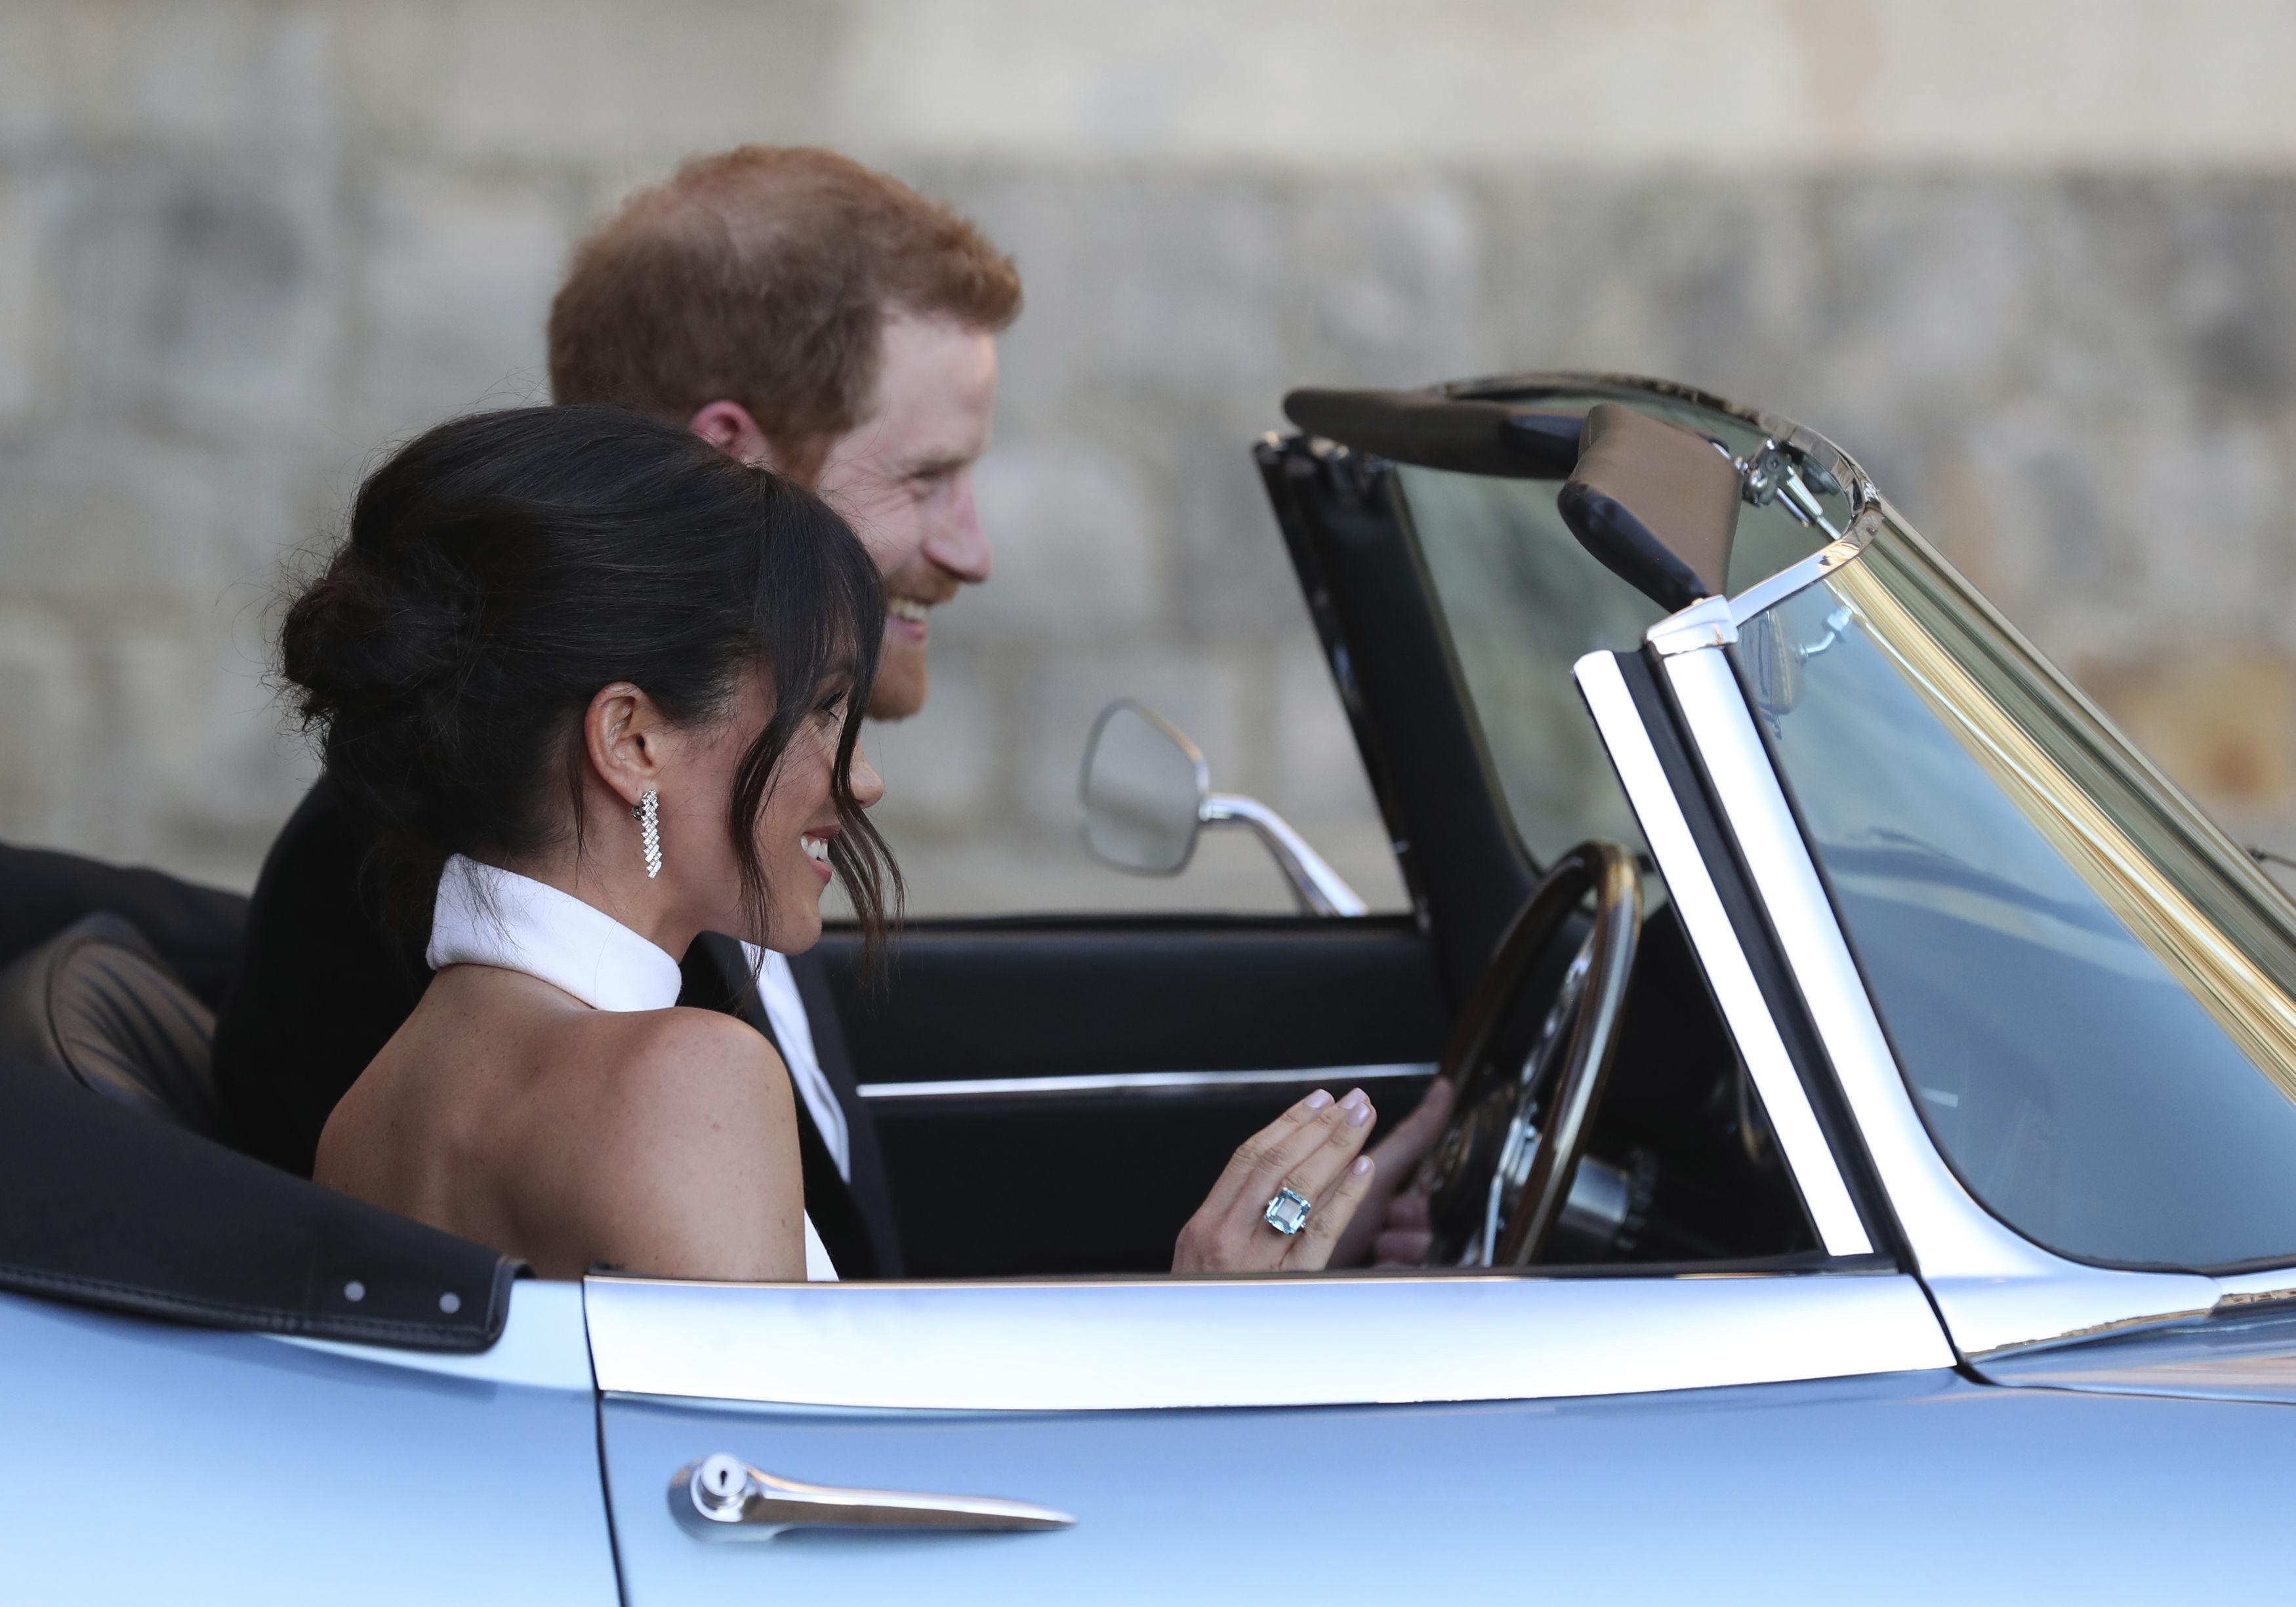 Meghan Markle luce en su mano derecha el anillo que perteneciera a Diana de Gales, al partir hacia la recepción donde se celebraron su boda. (Foto: AP)